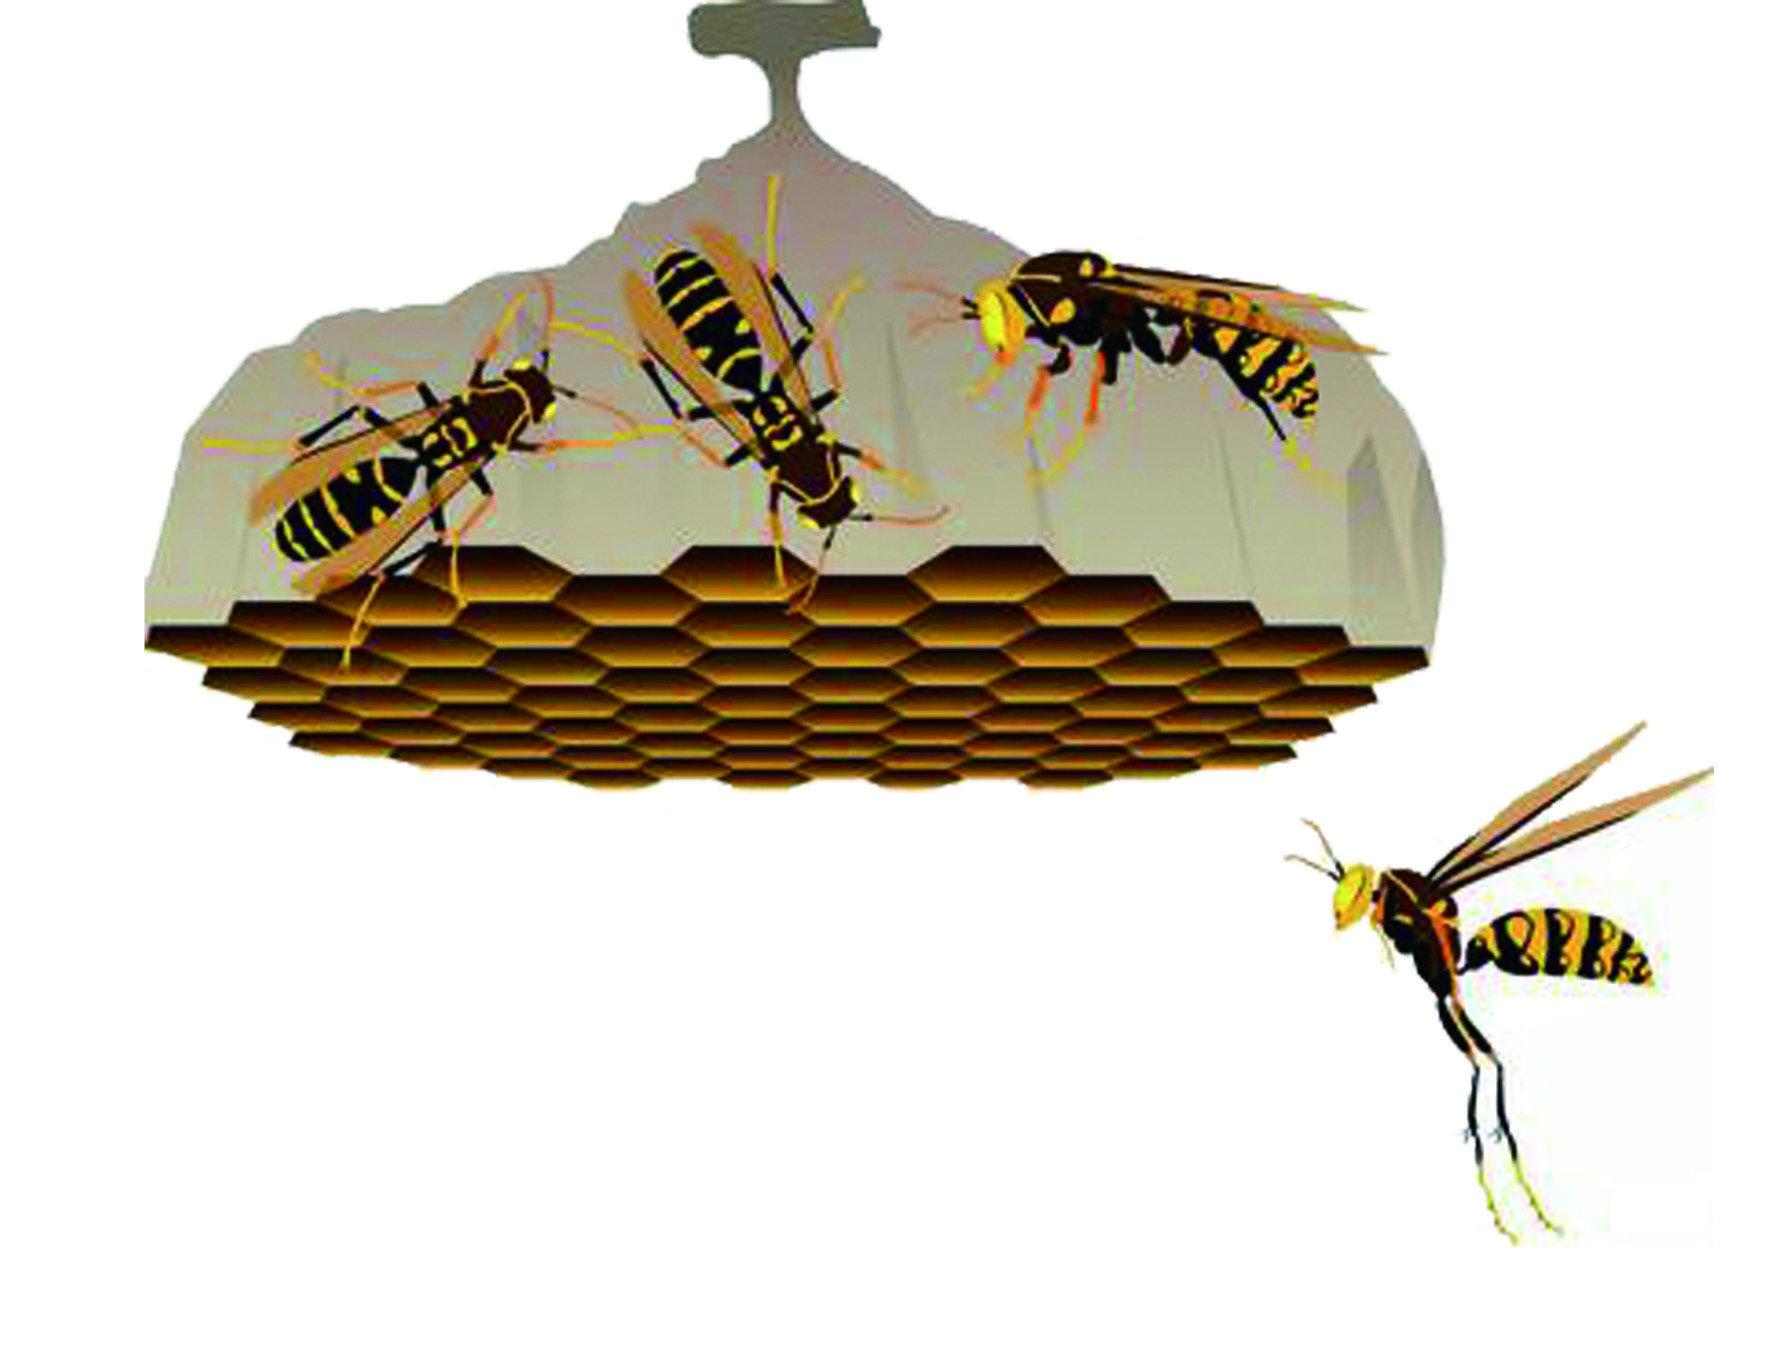 長腳蜂亞科,或稱「胡蜂亞科」。成蜂以花蜜、果汁為主食,是最廣泛分布在人類社群中的一種蜂類,不只是山林中,諸如校園、屋簷或陽台也都很容易有牠們的蹤跡。